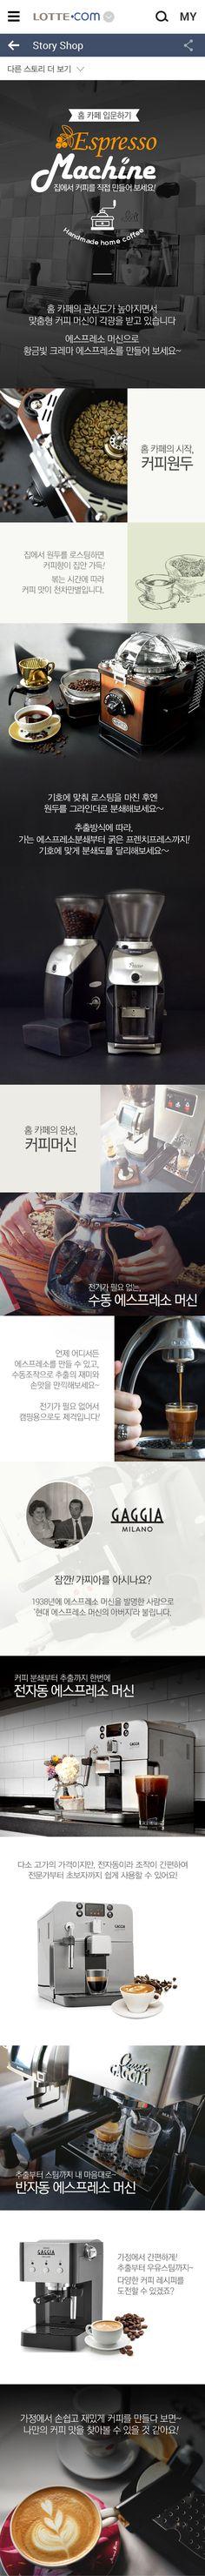 :::::롯데닷컴 스토리샵::::: 커피머신 홈카페-Espresso Machine  Designed by 정유영